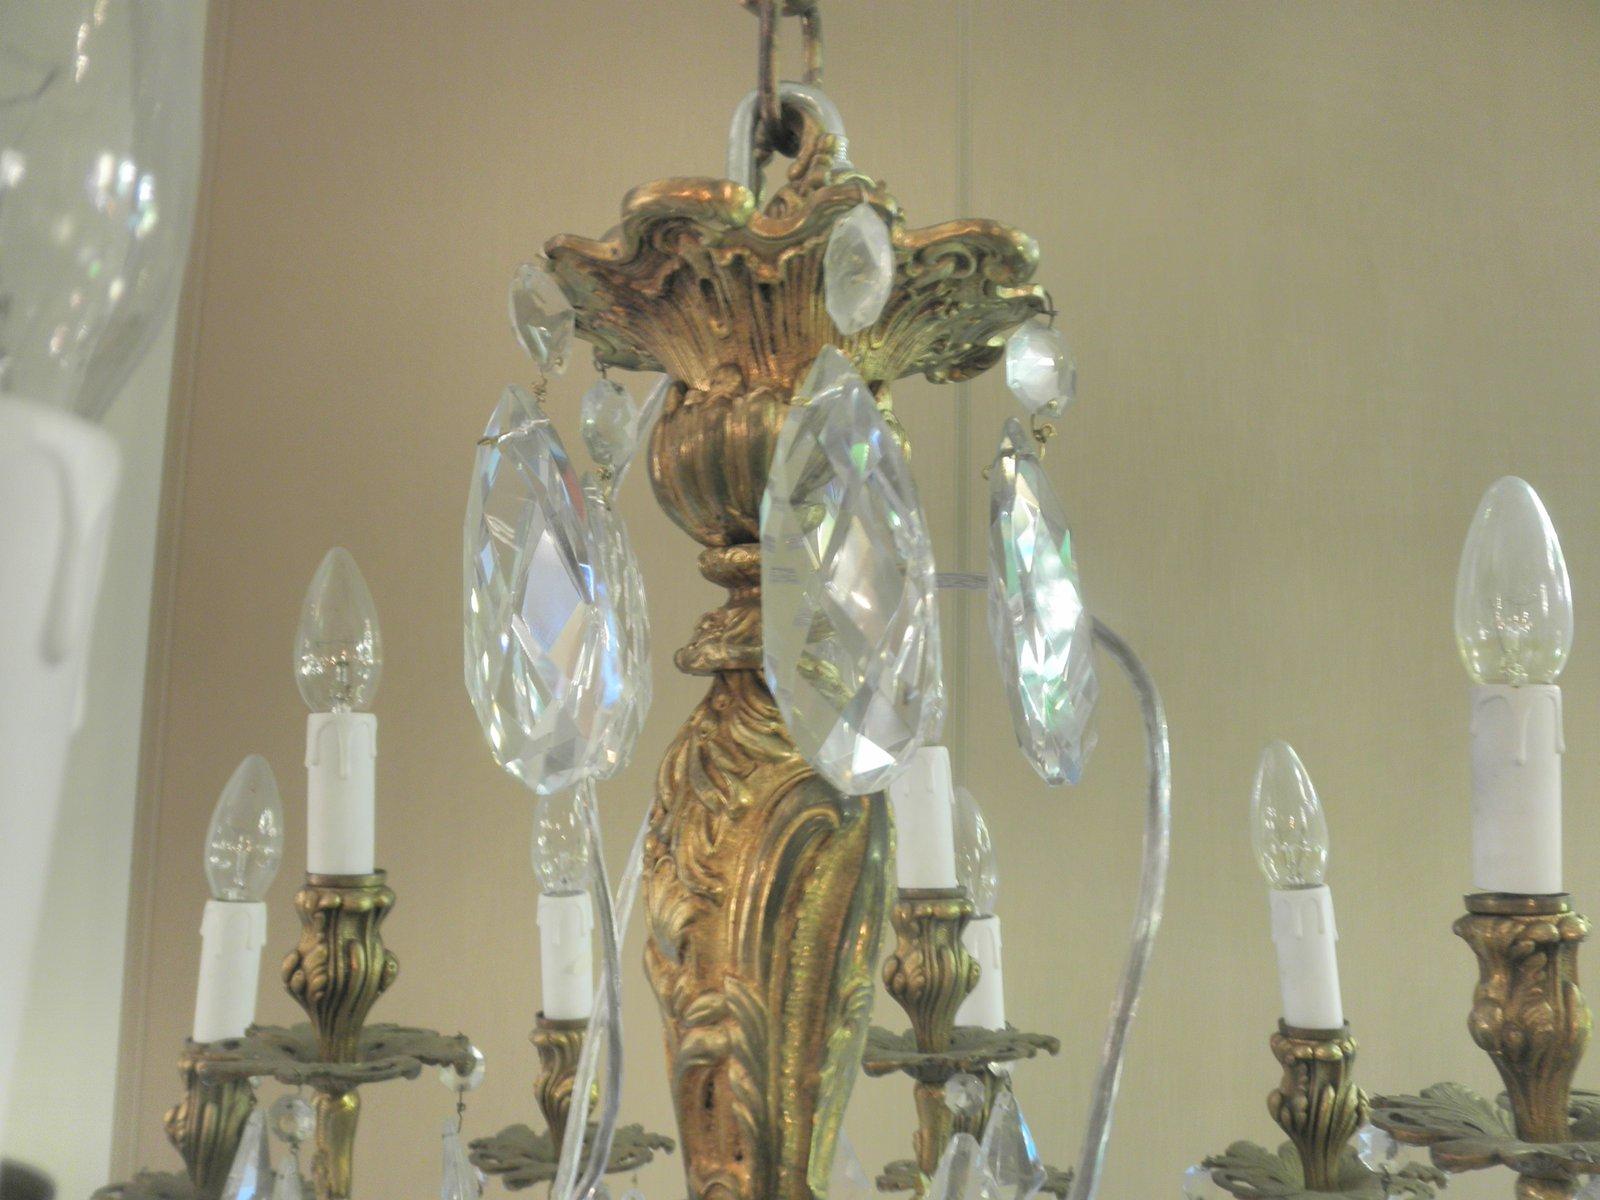 Kronleuchter Murano Glas ~ Kronleuchter artica mit muranoglas kaufen lampenwelt